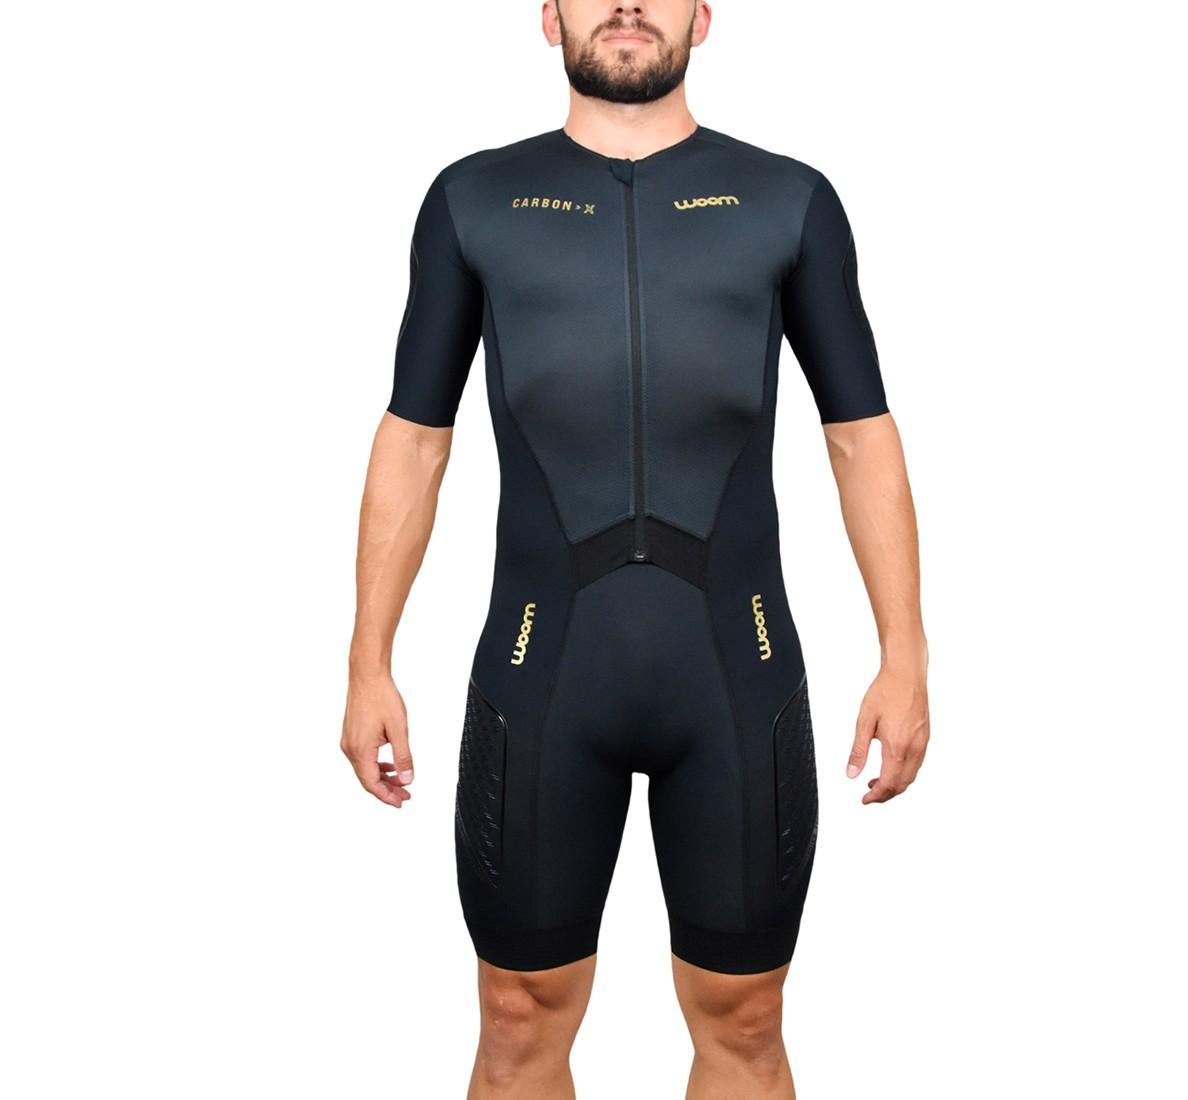 Macaquinho Triathlon com manga 140 Carbon - Masc - 2019 140